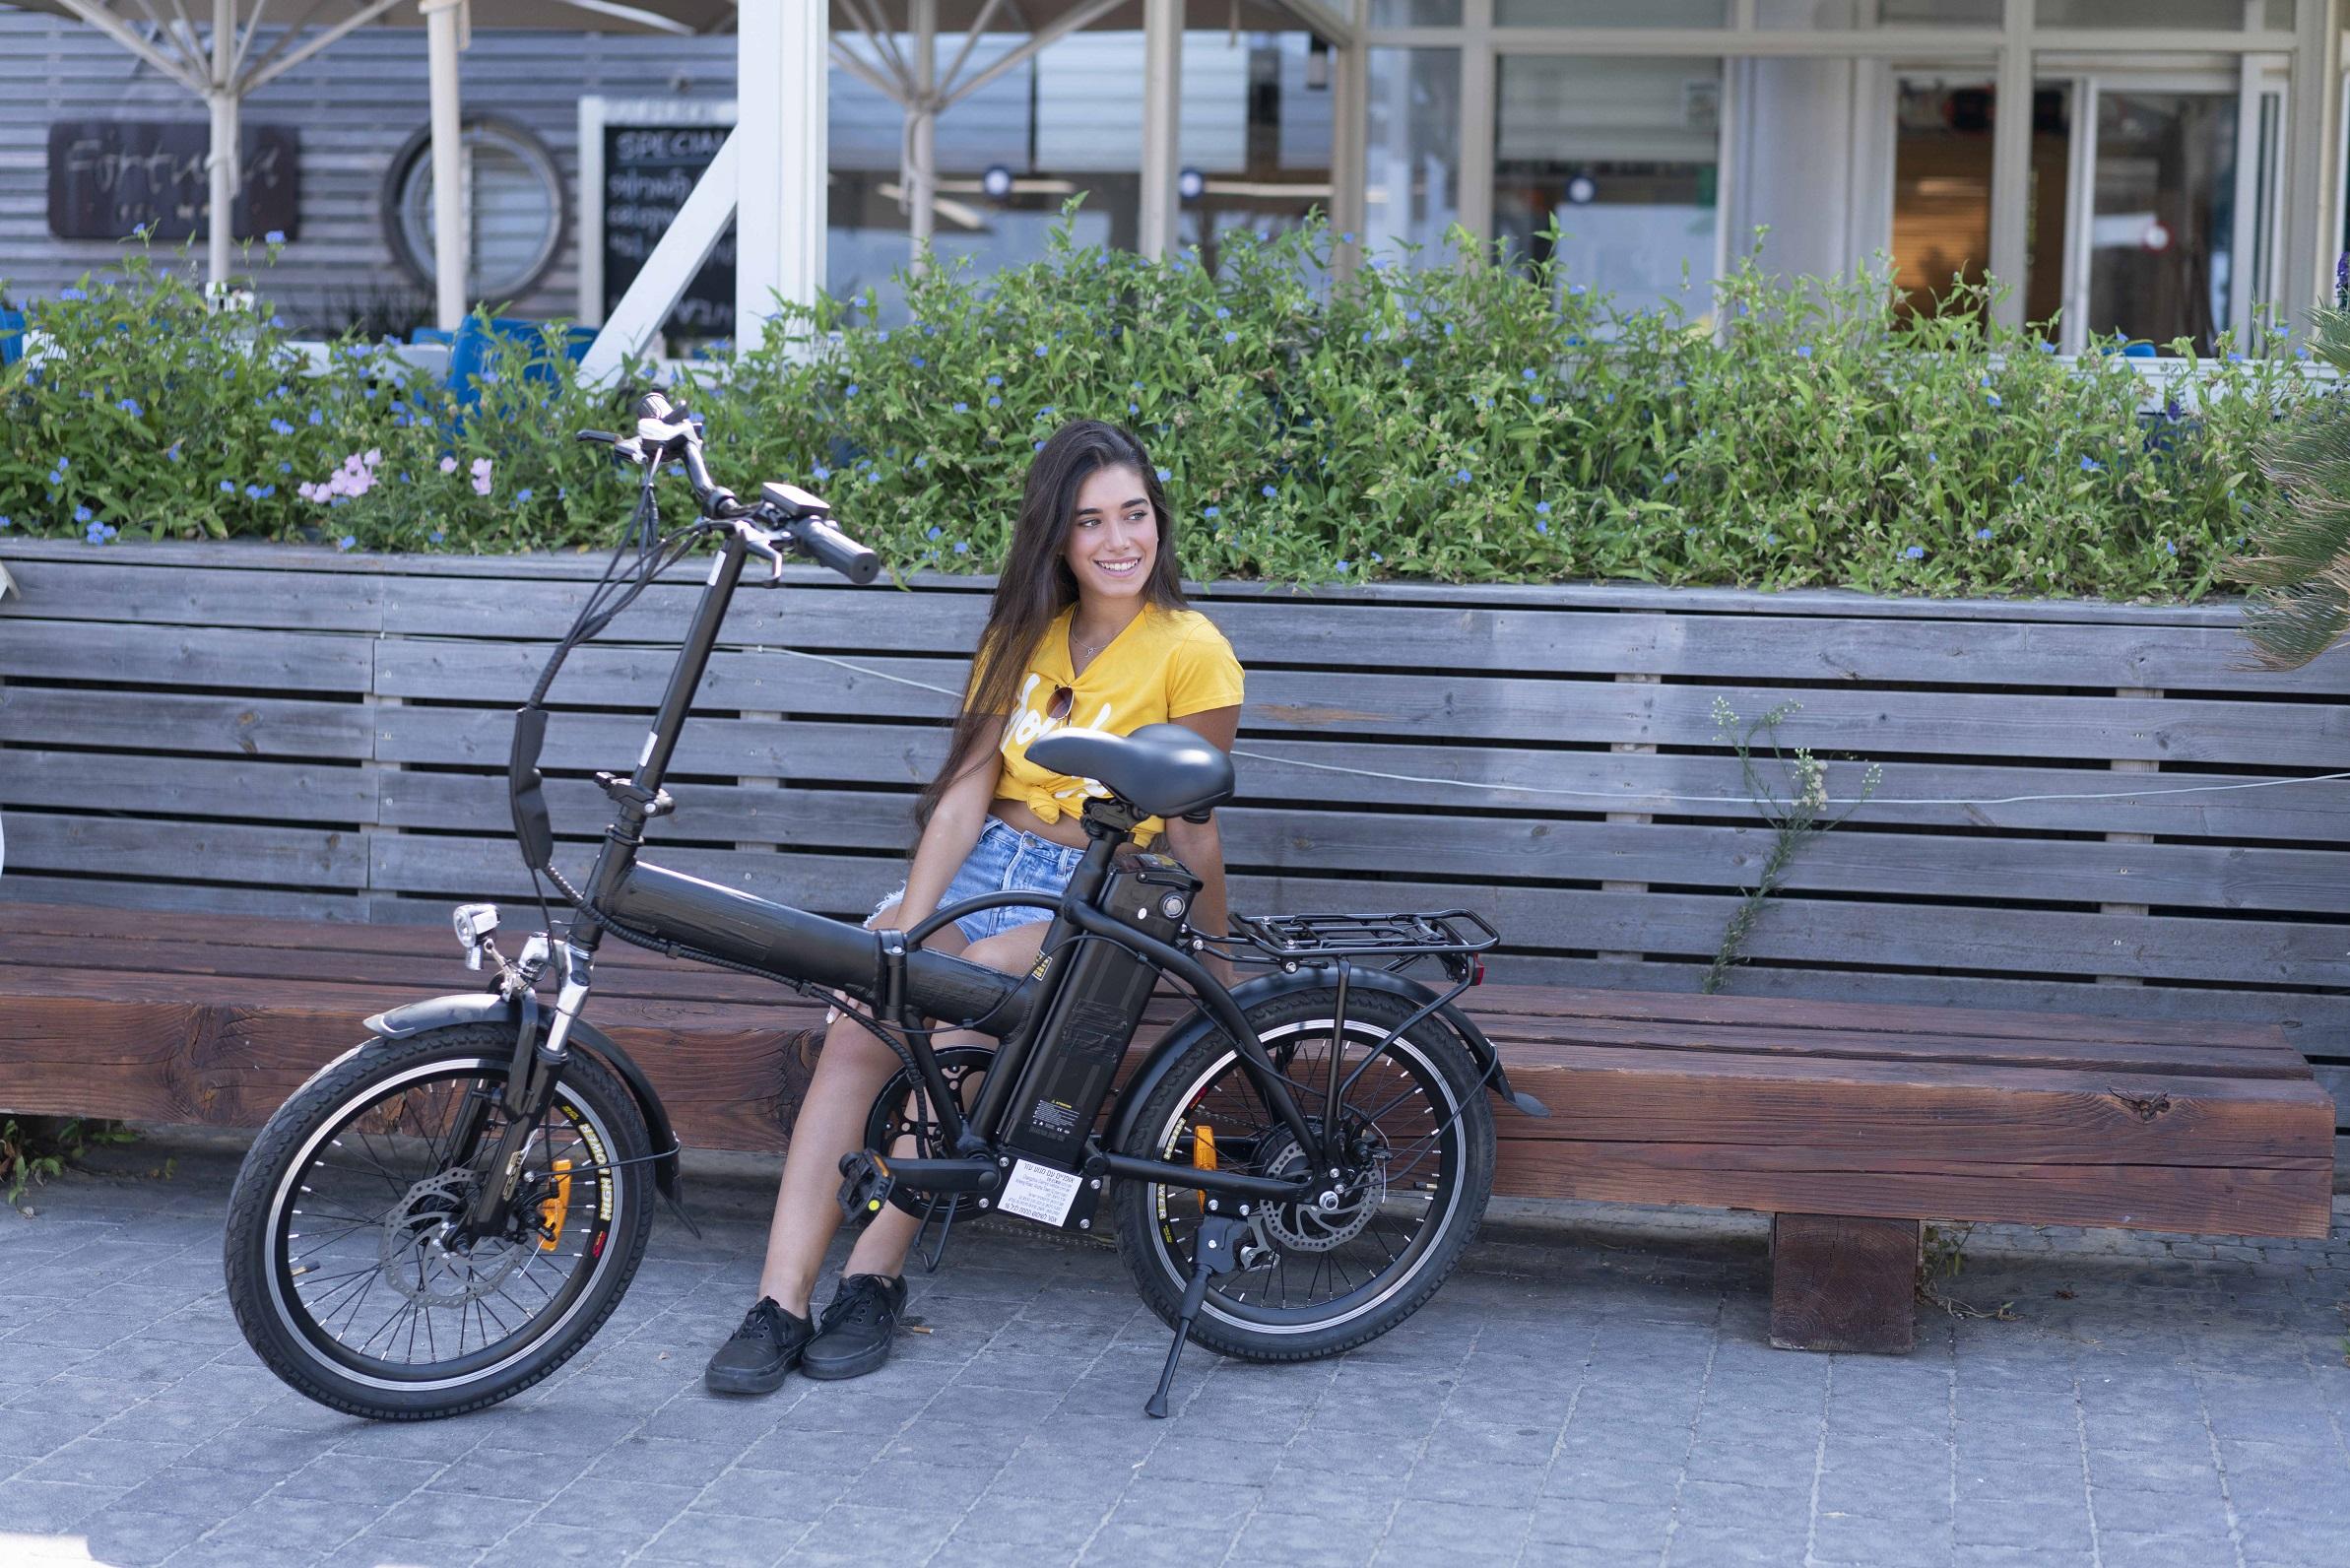 חנויות אופניים חשמליים בירושלים